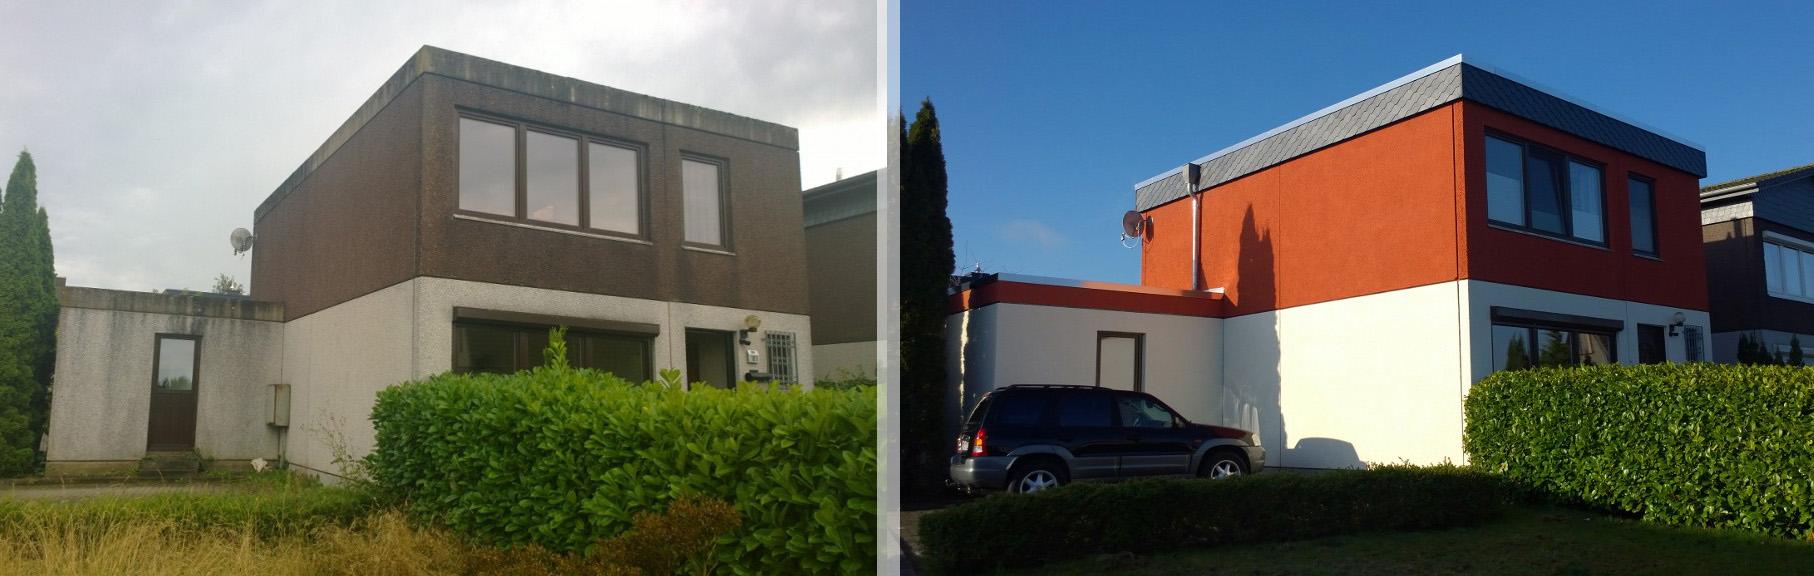 Haus Umbau Vorher Nachher Fotos Susanne Braun Speck